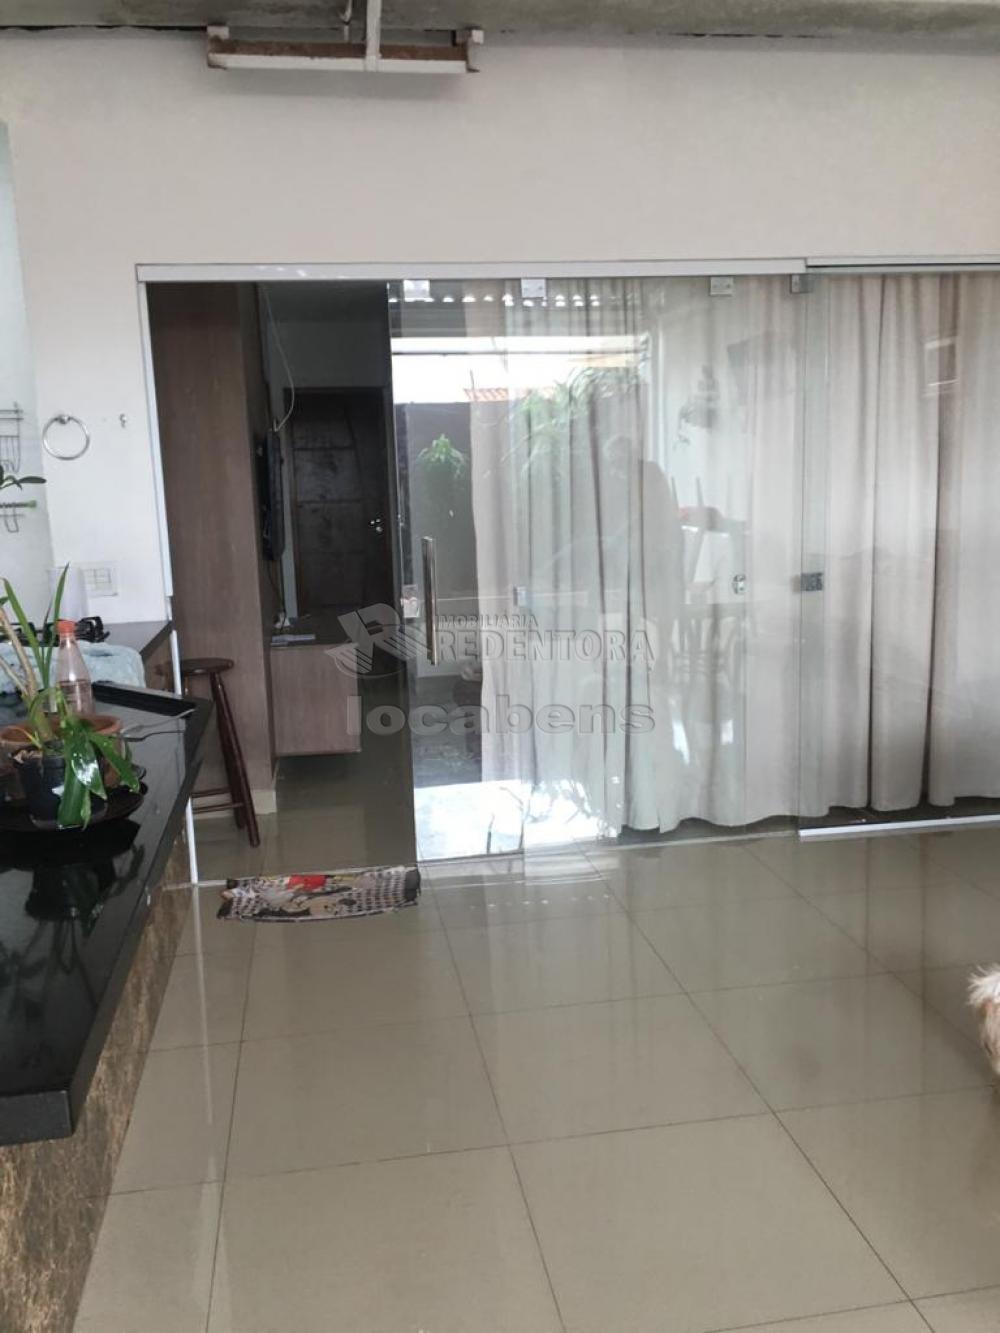 Alugar Casa / Condomínio em São José do Rio Preto R$ 1.400,00 - Foto 1